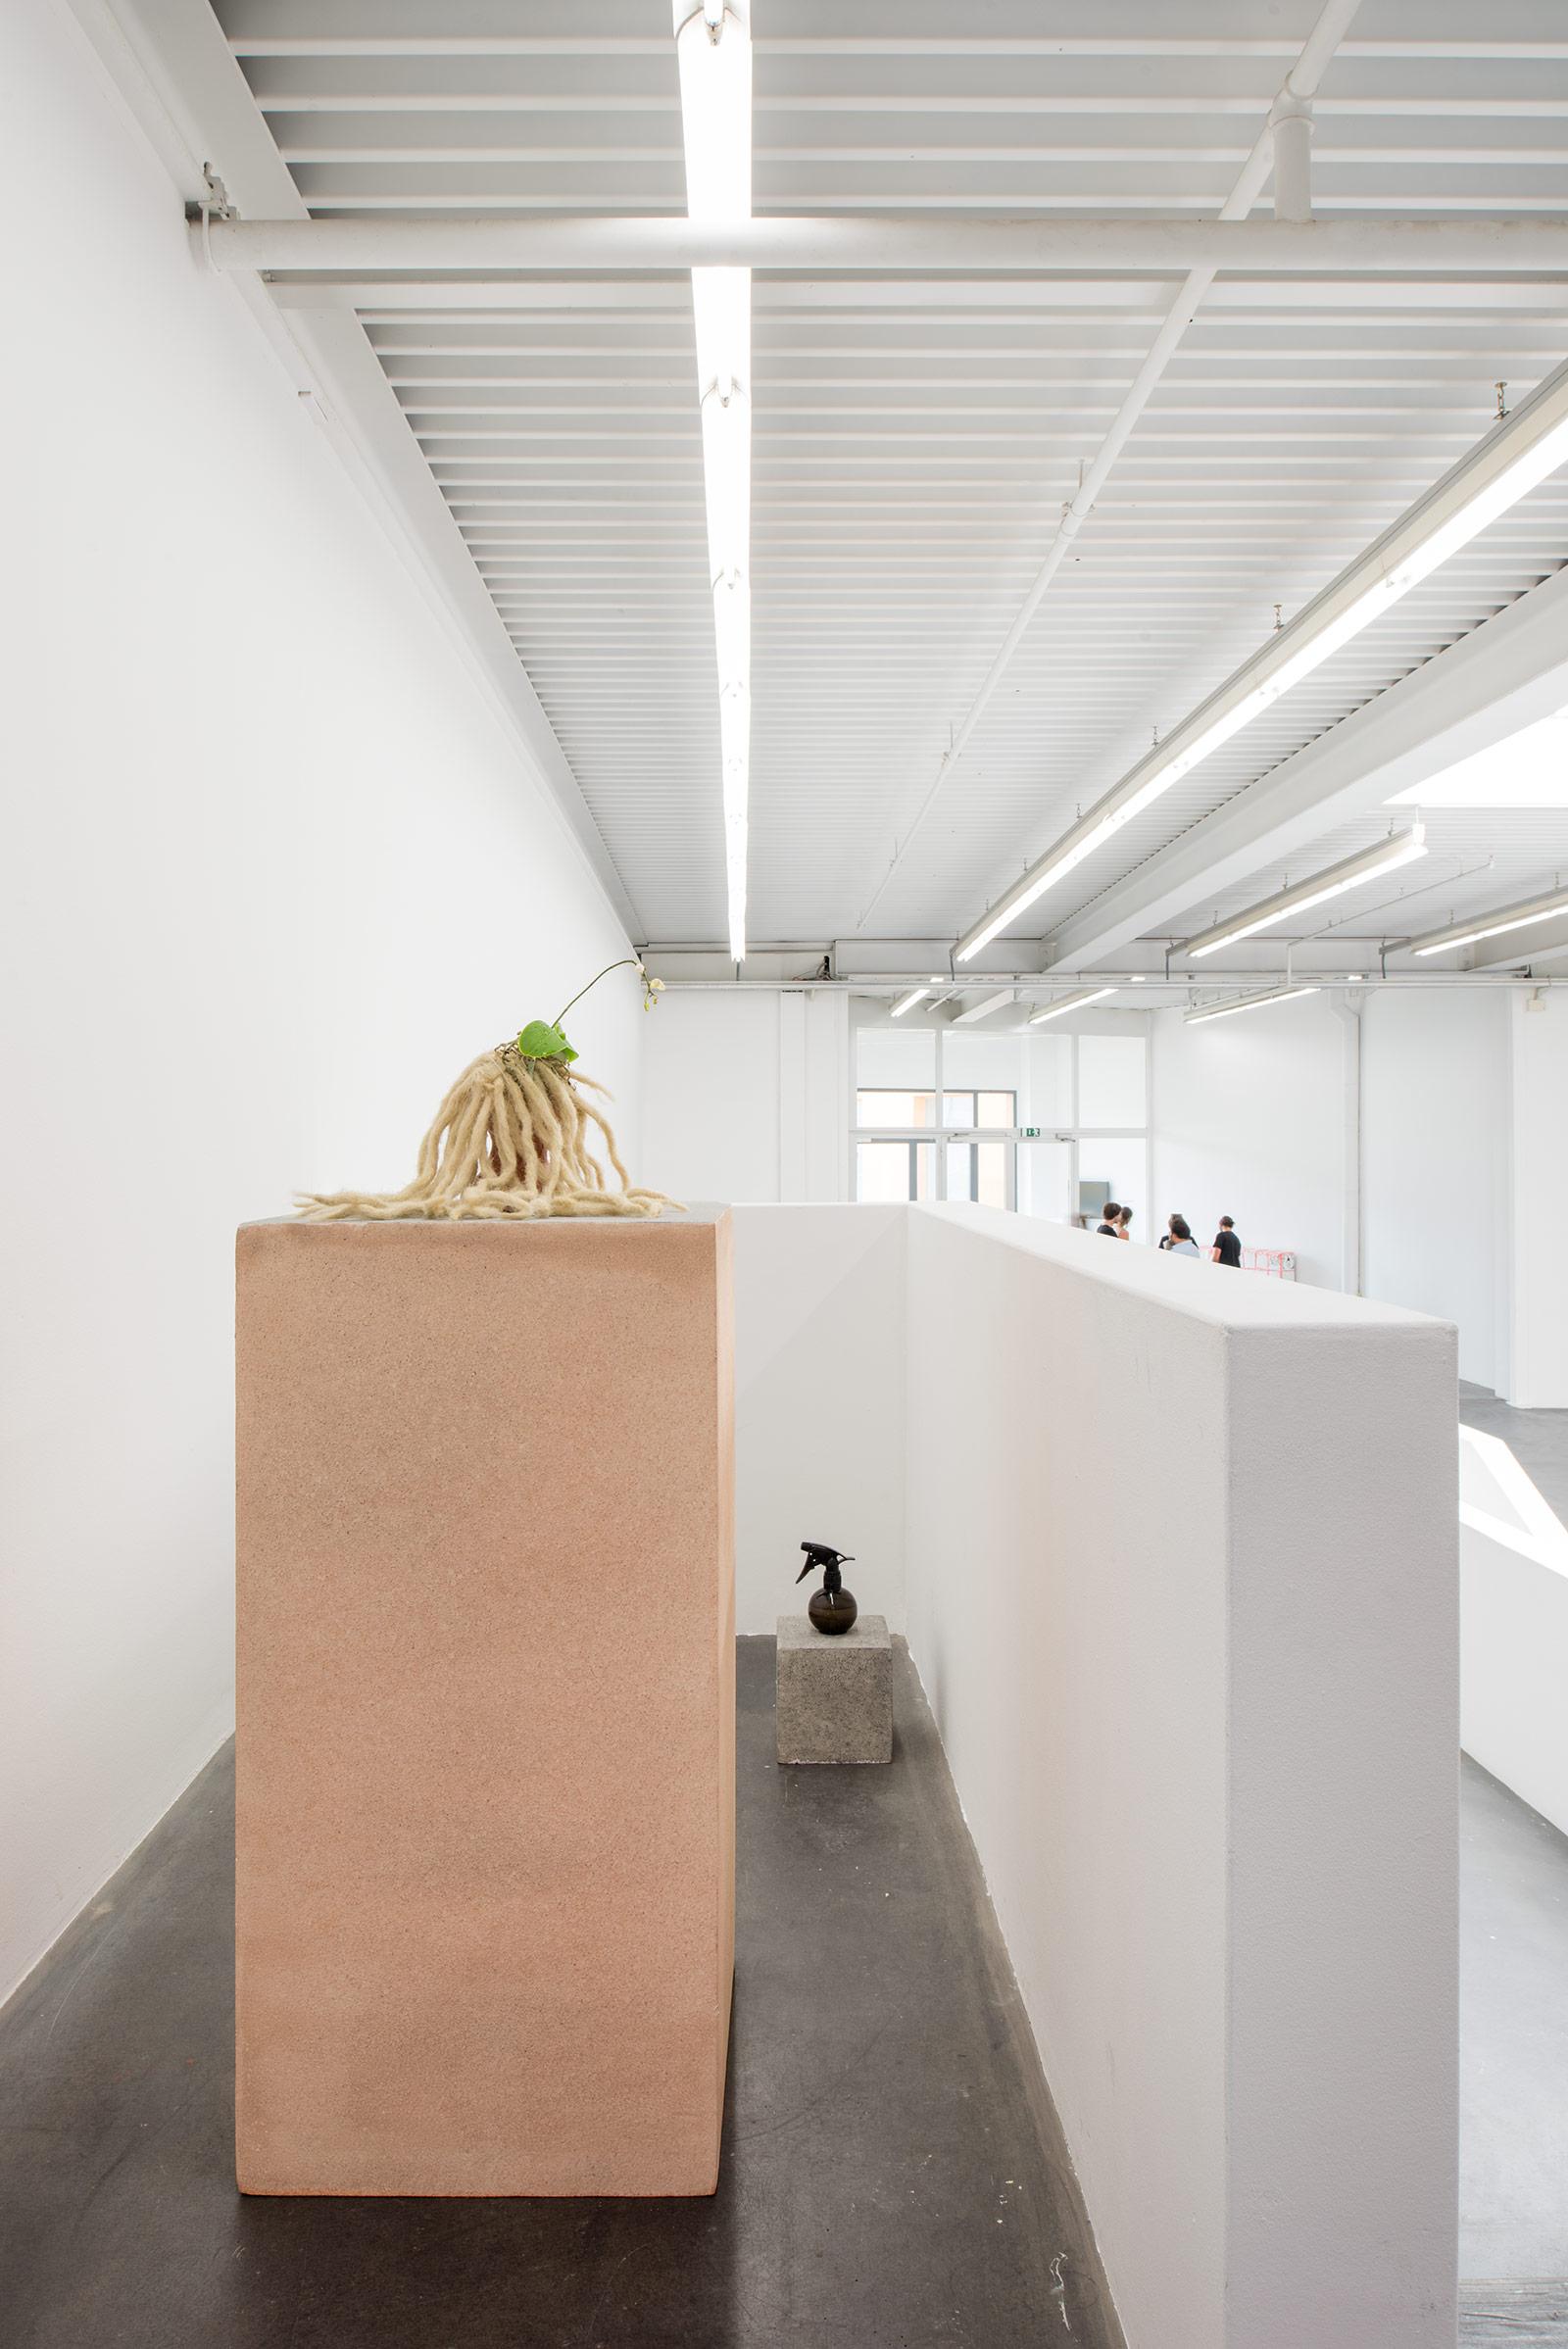 Raphael Loosli – Institut Kunst, Diplom 2017